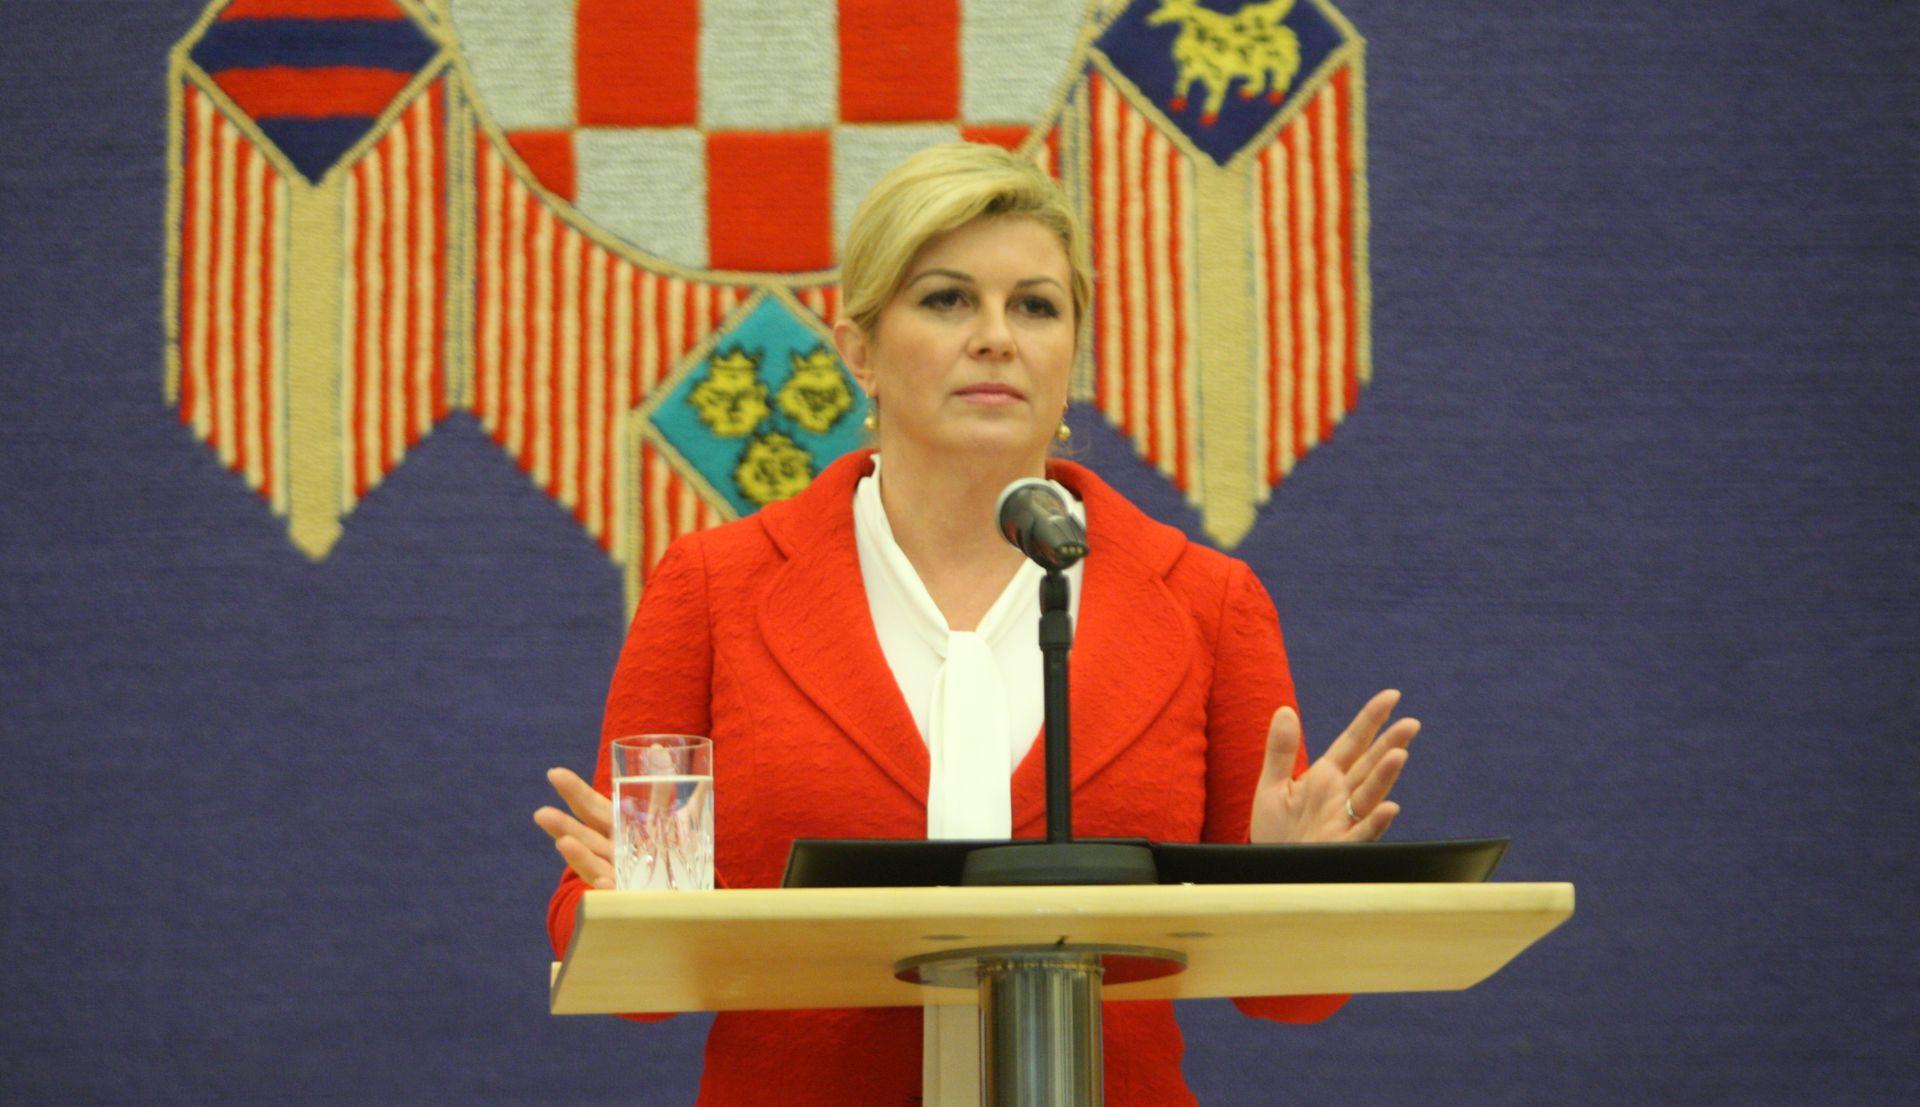 GRABAR-KITAROVIĆ: Neću dopustiti da odugovlačenje proizvede posljedice po stabilnost države